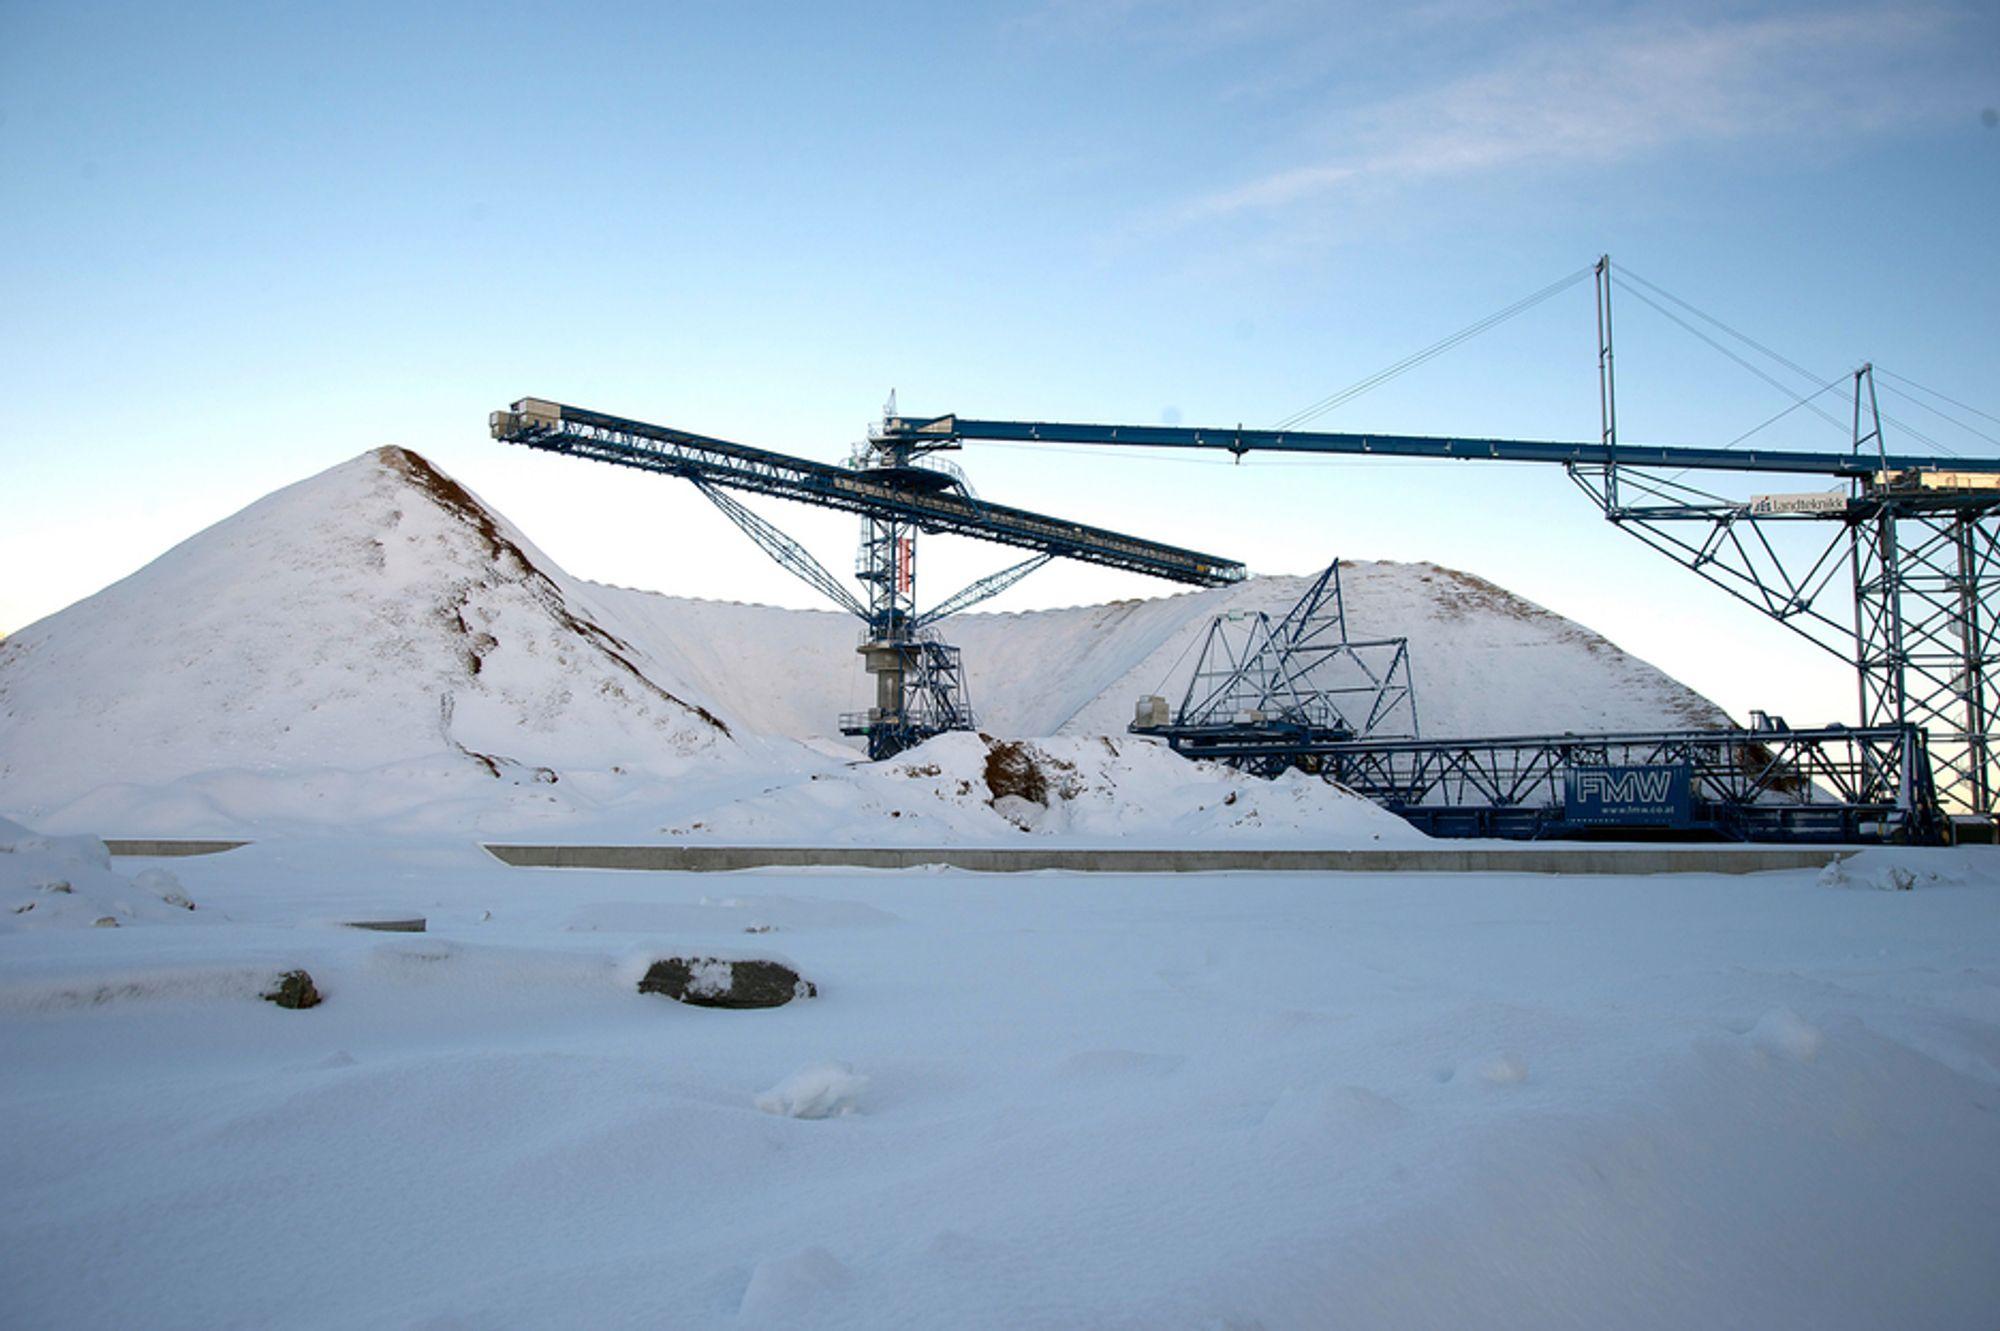 Pelletsproduksjonen på Averøya legges ned, og Hafslund ser nå etter nye eiere for virksomheten. (Foto: Elizabeth Kjønø)